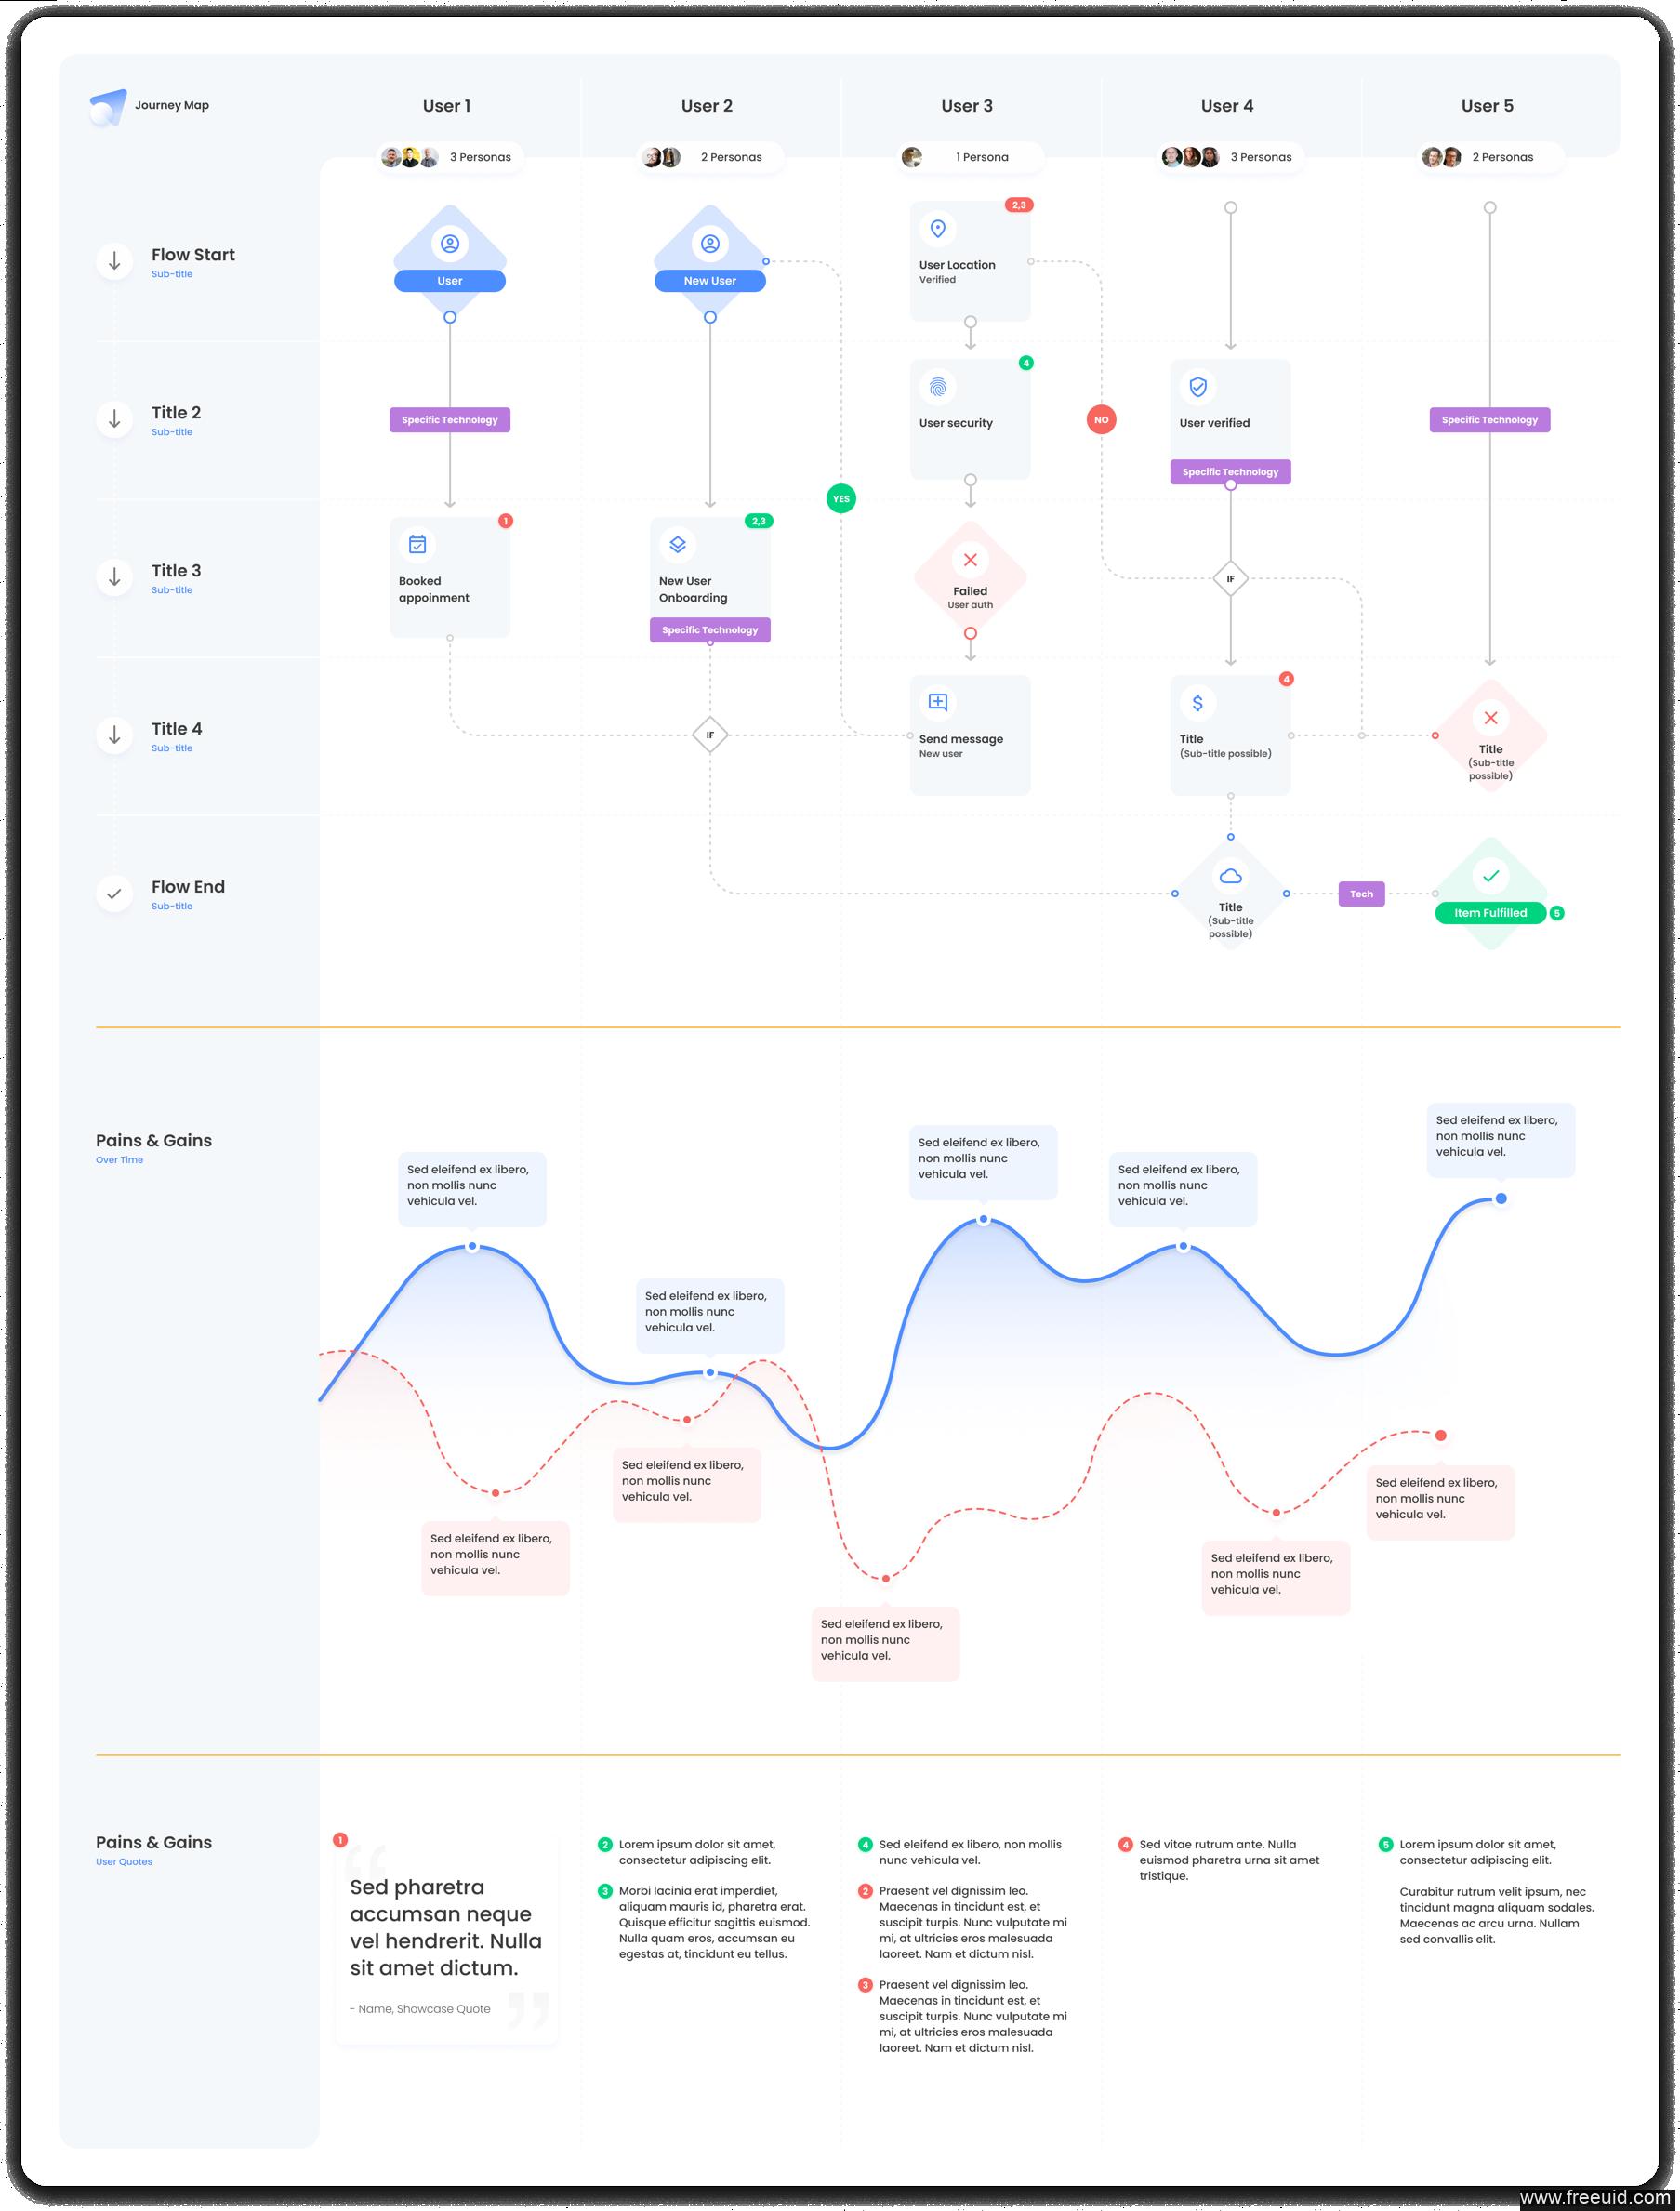 流程图,用户体验地图WEB UI源文件下载,流程图figma源文件